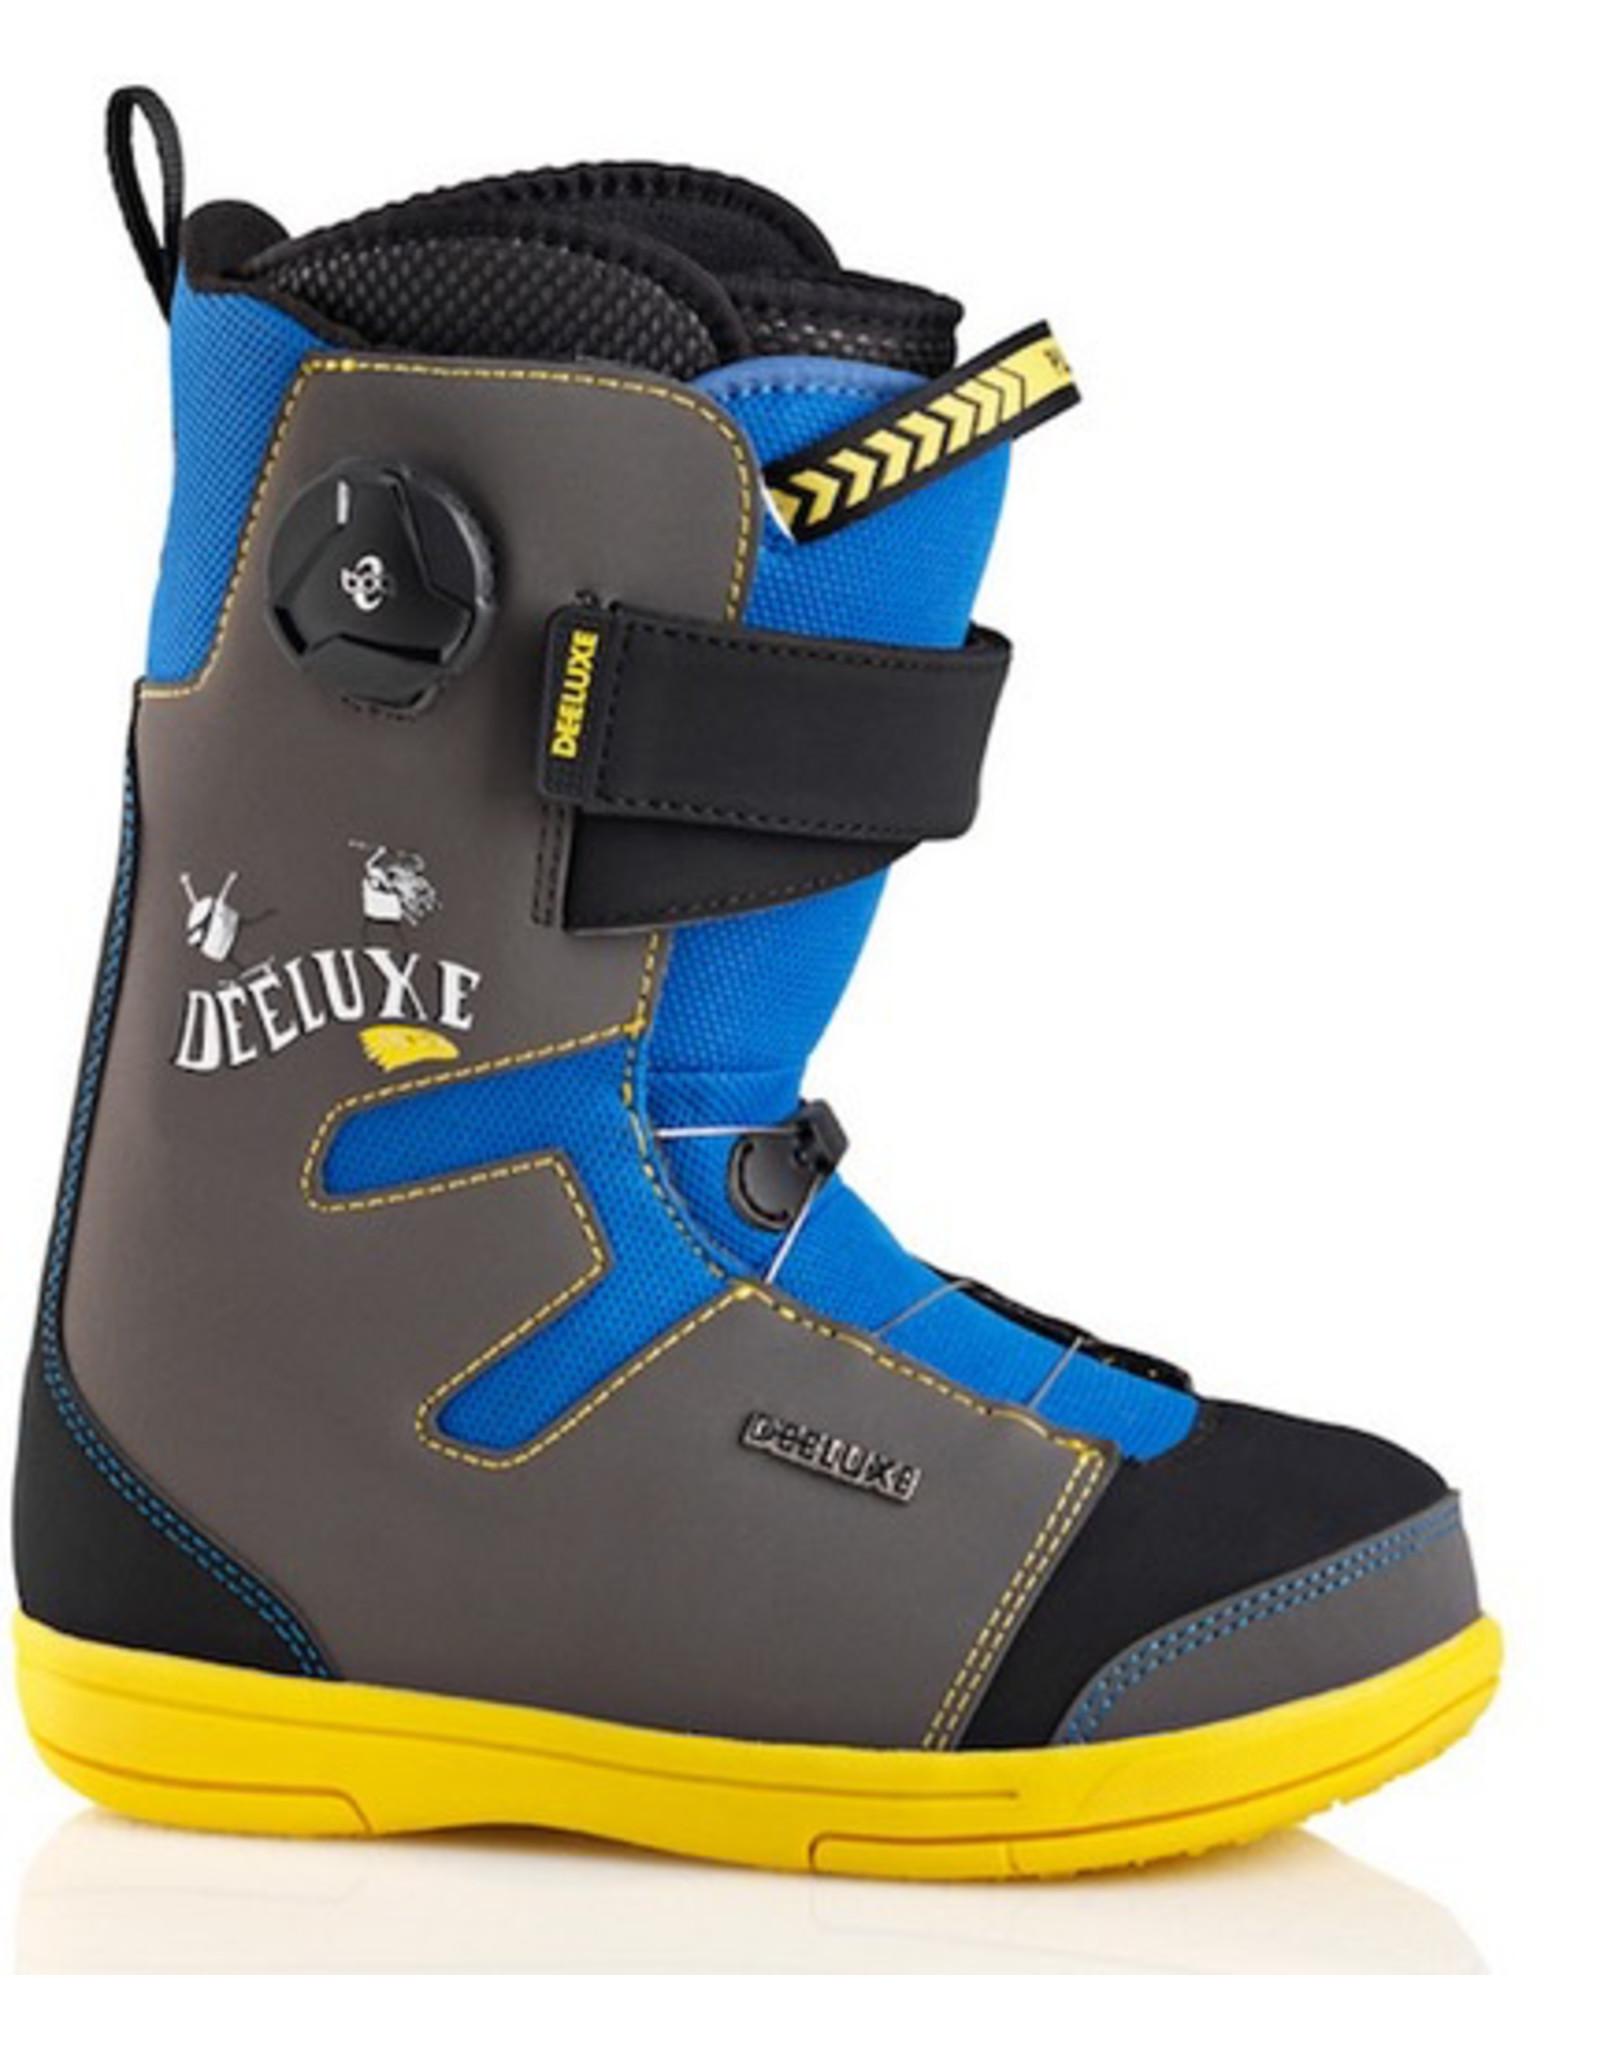 Deeluxe Deeluxe - Junior (C3), Blu/Yel, 38,5-245-6,5